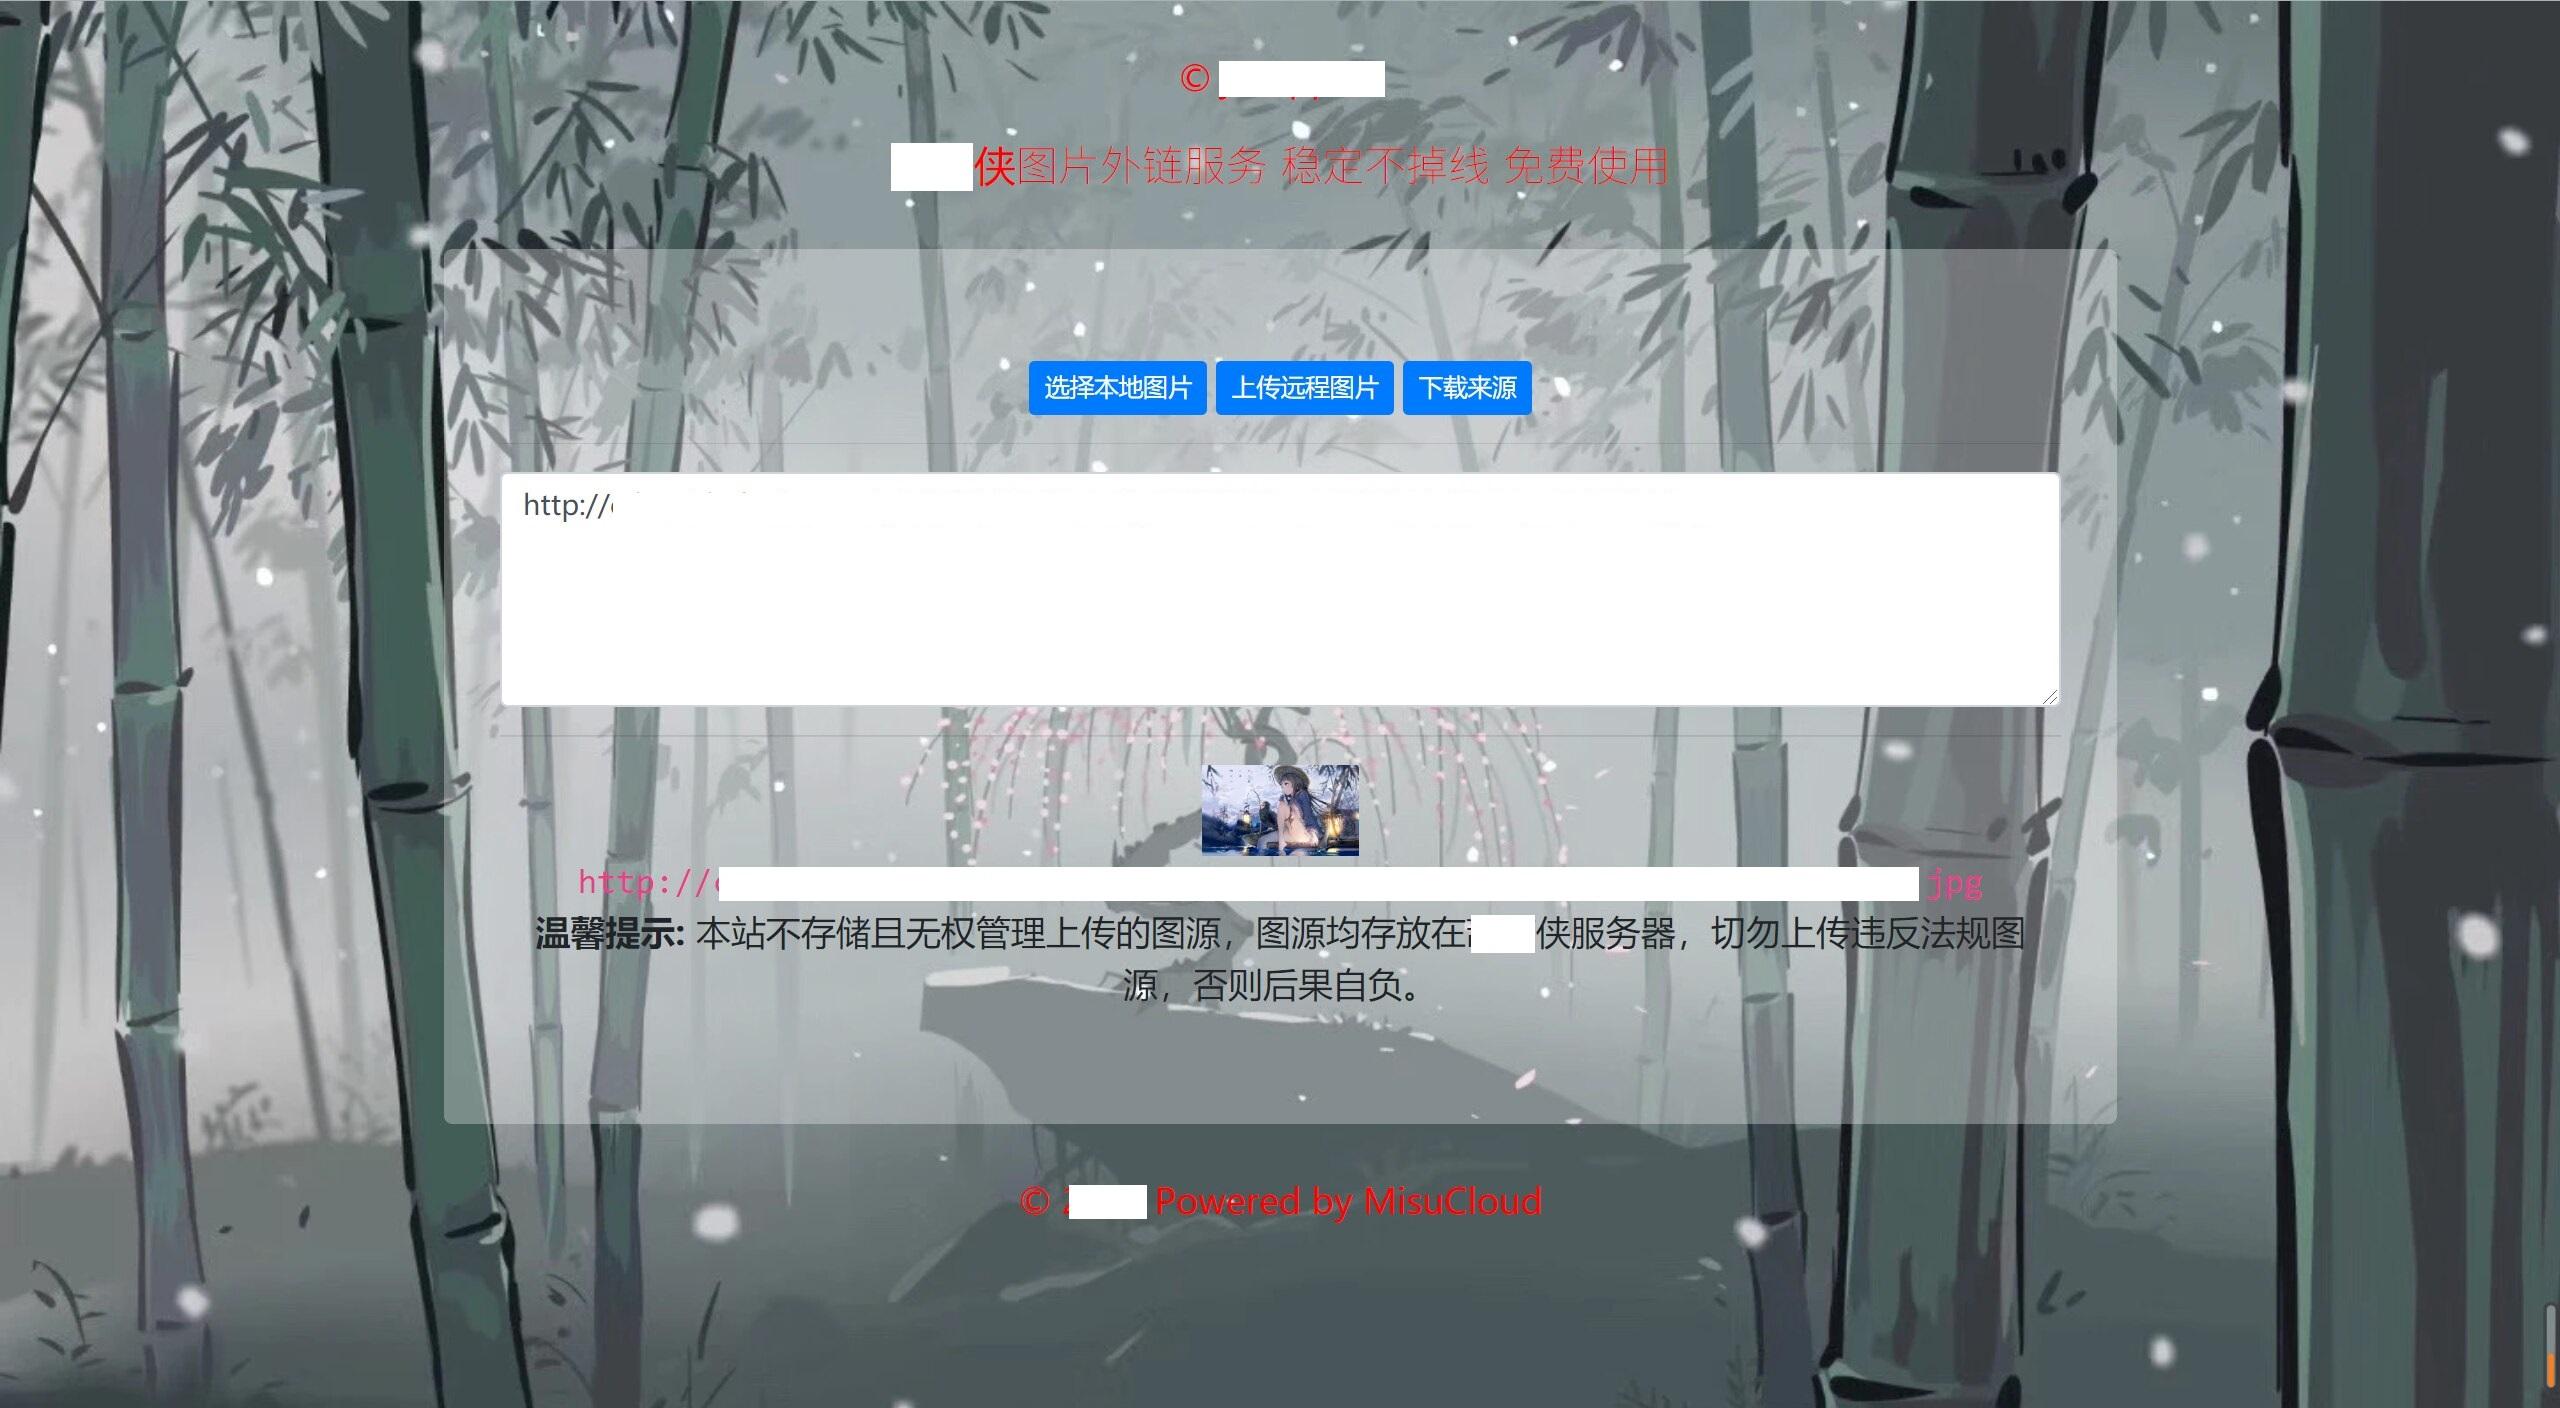 某侠图床源码 图片外链服务 带API图片